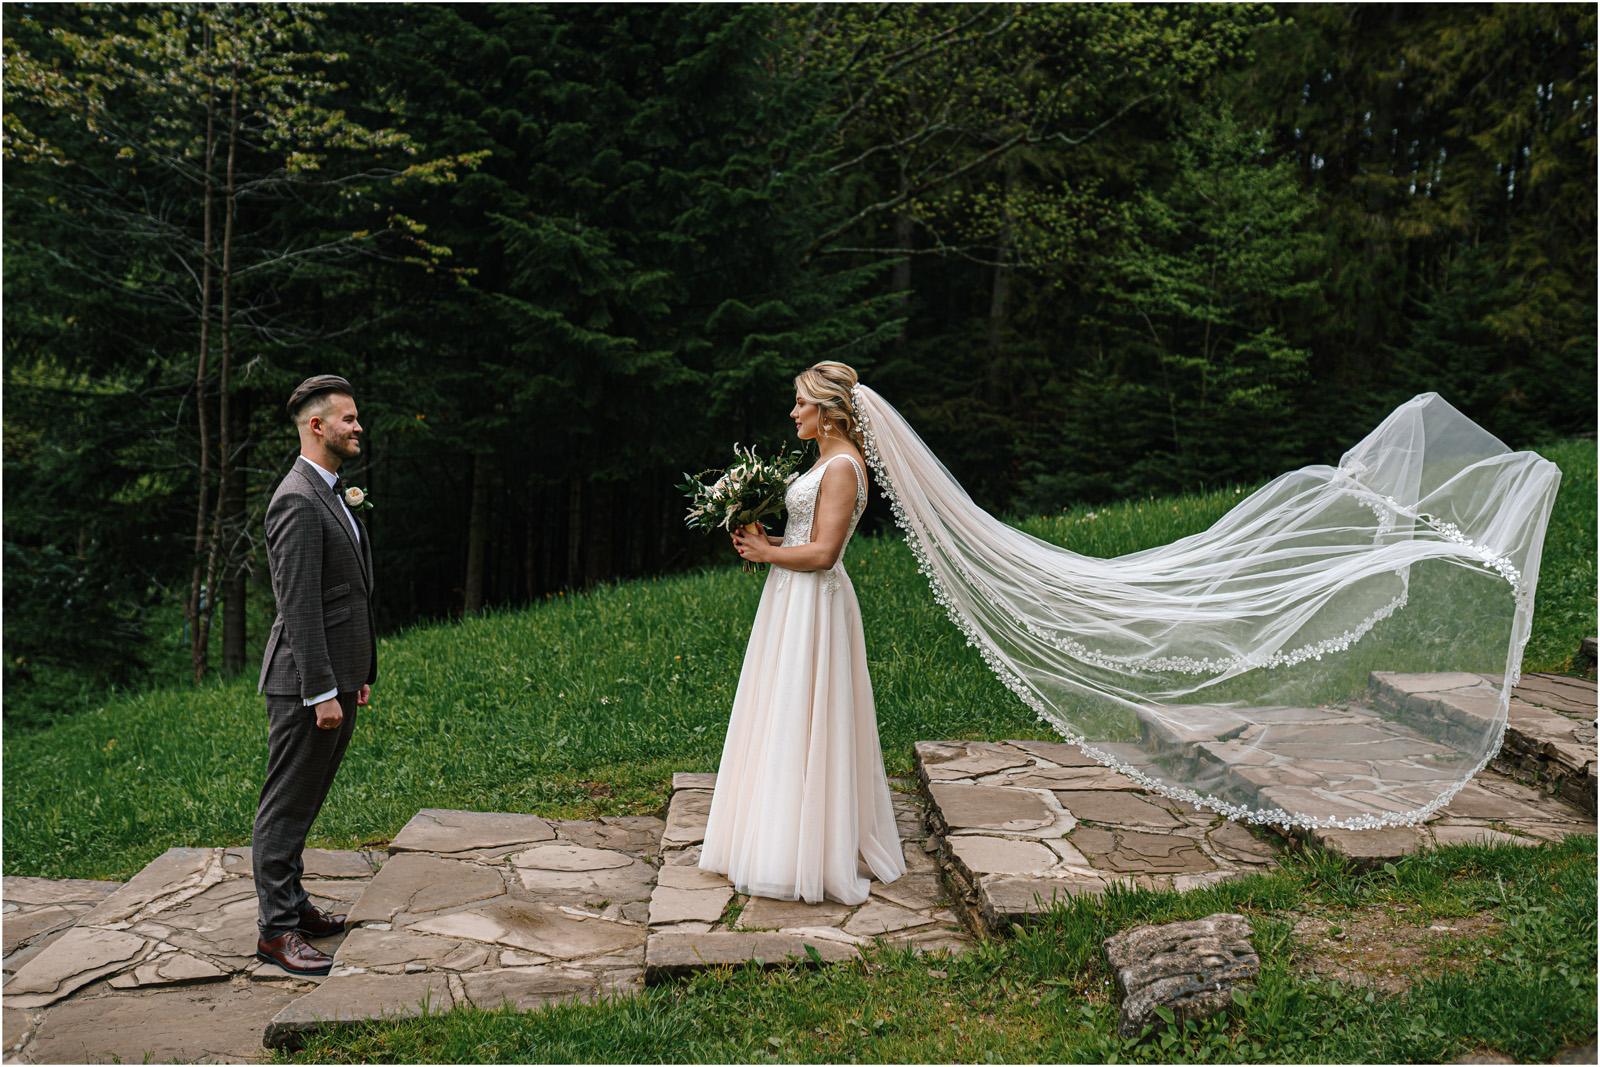 Amanda & Błażej | ślub i sesja w górach 46